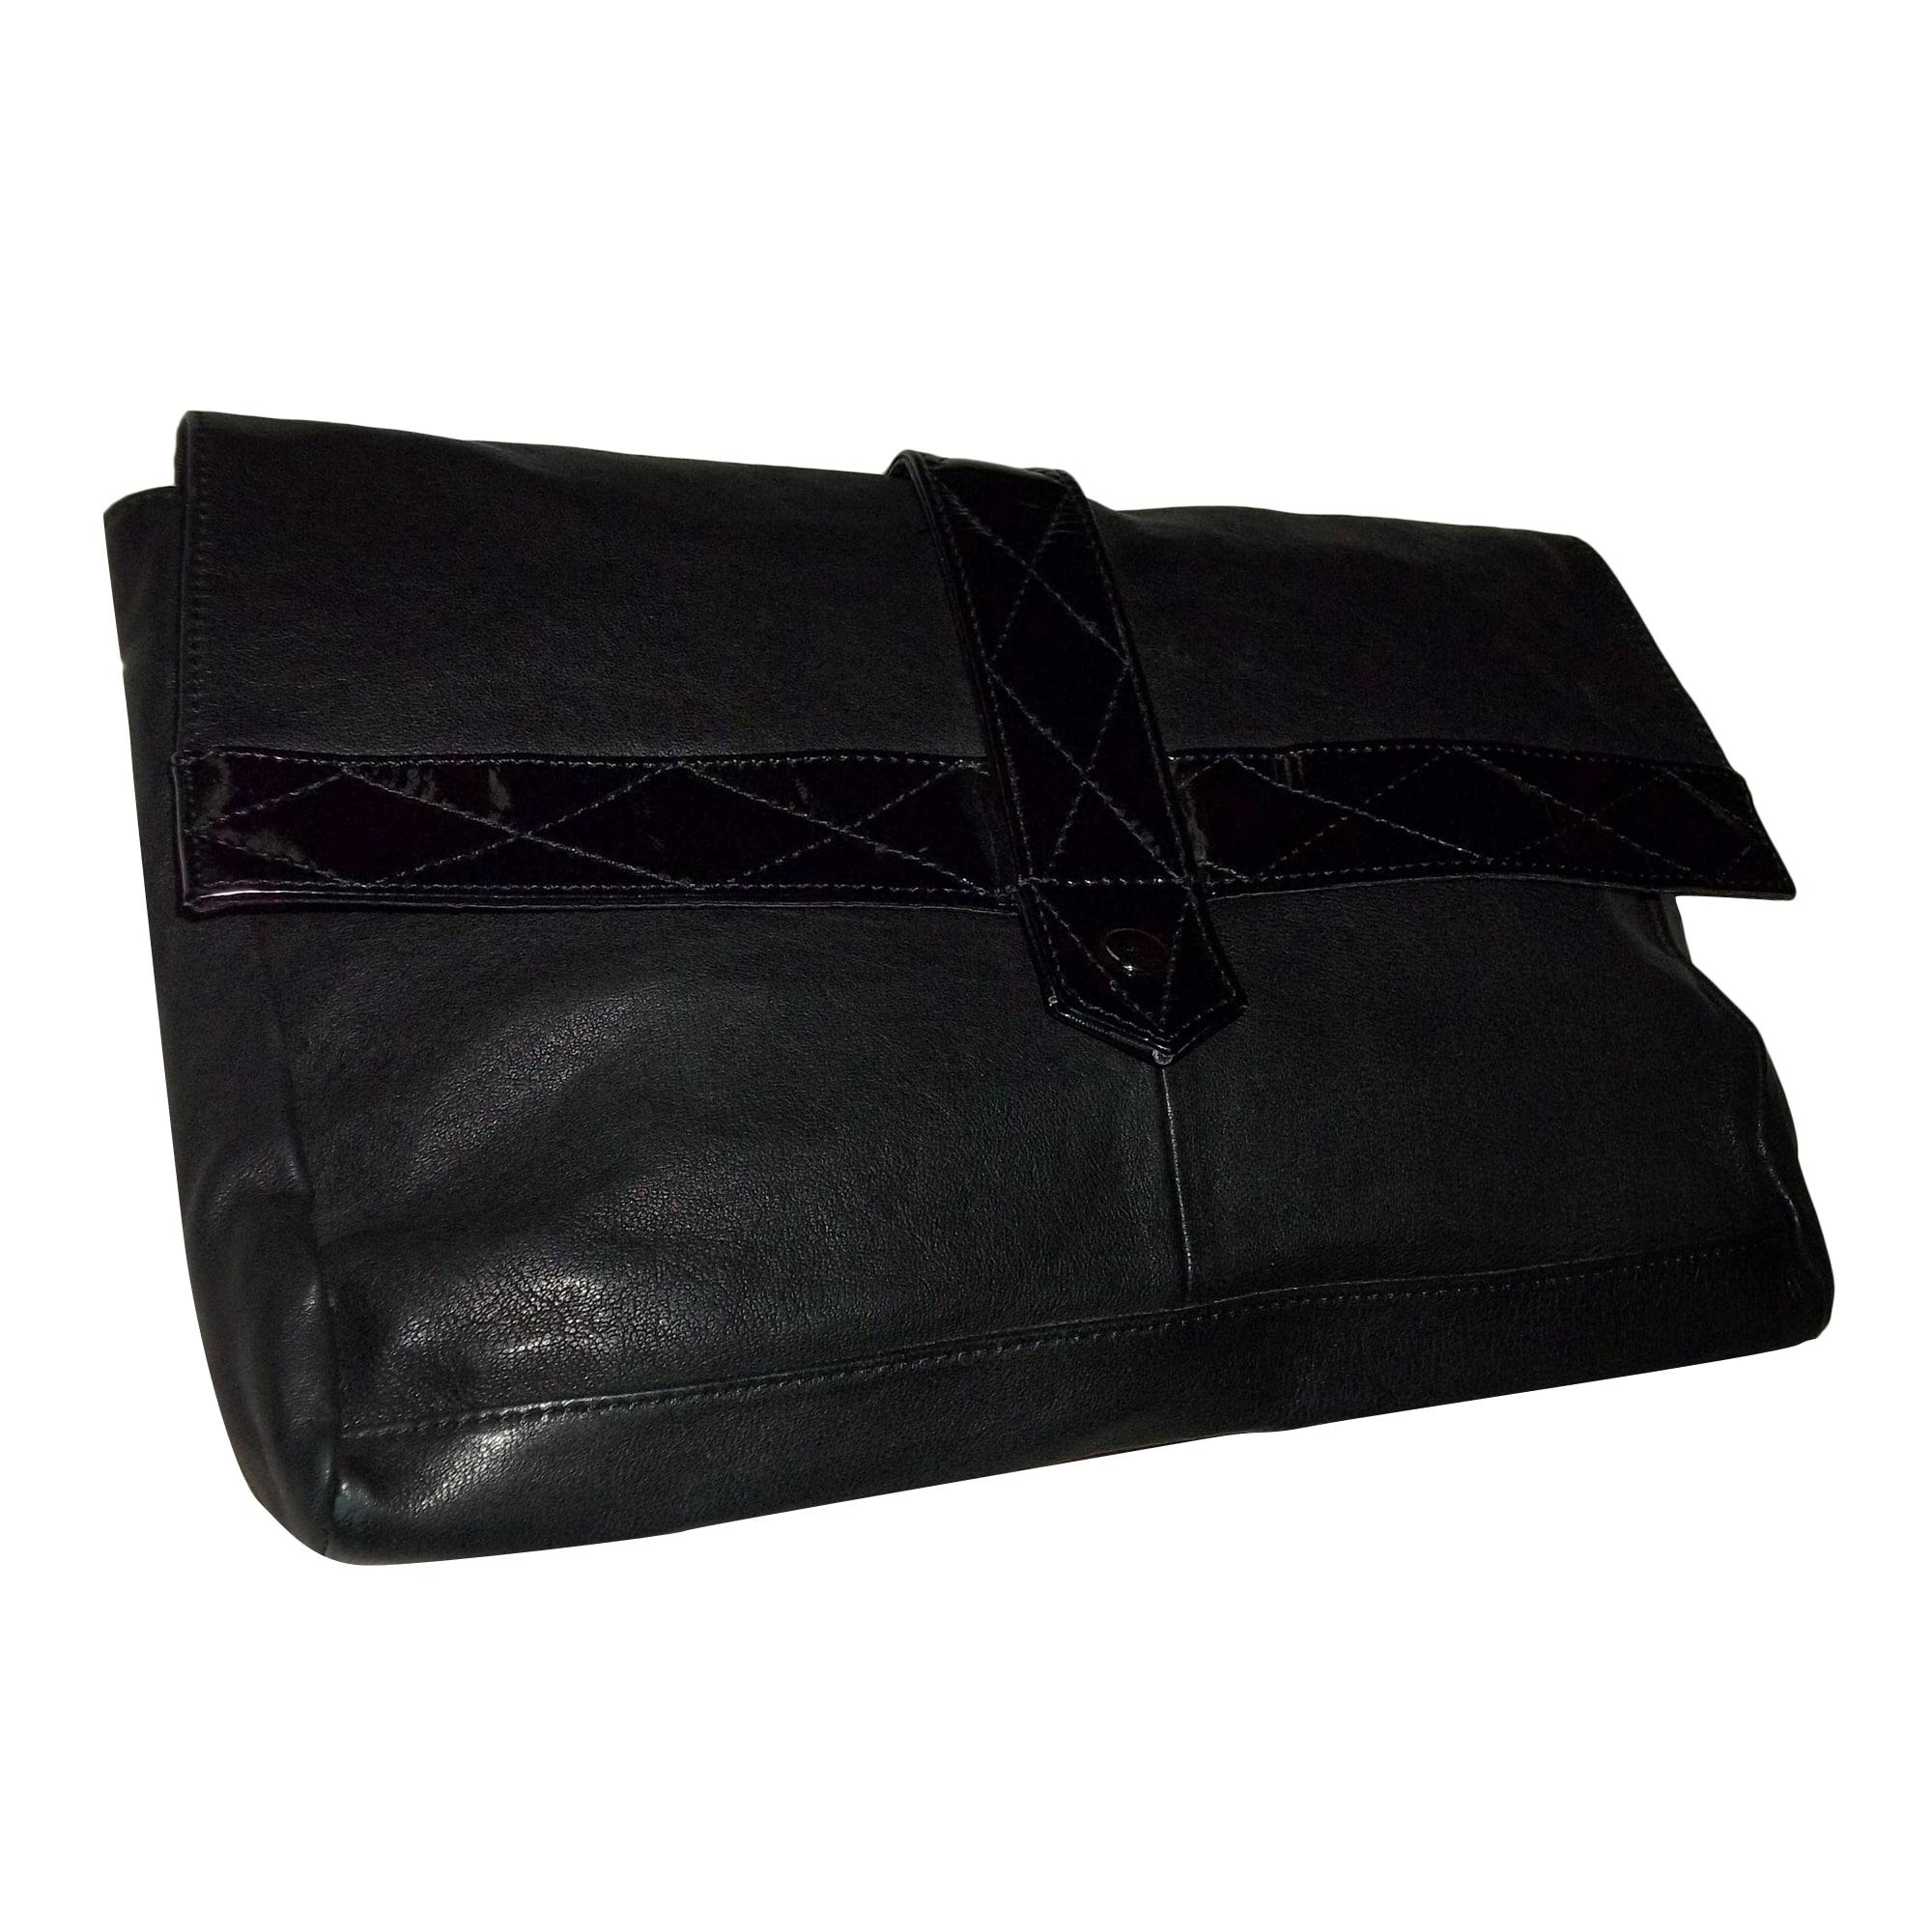 Sac pochette en cuir BEL AIR Noir